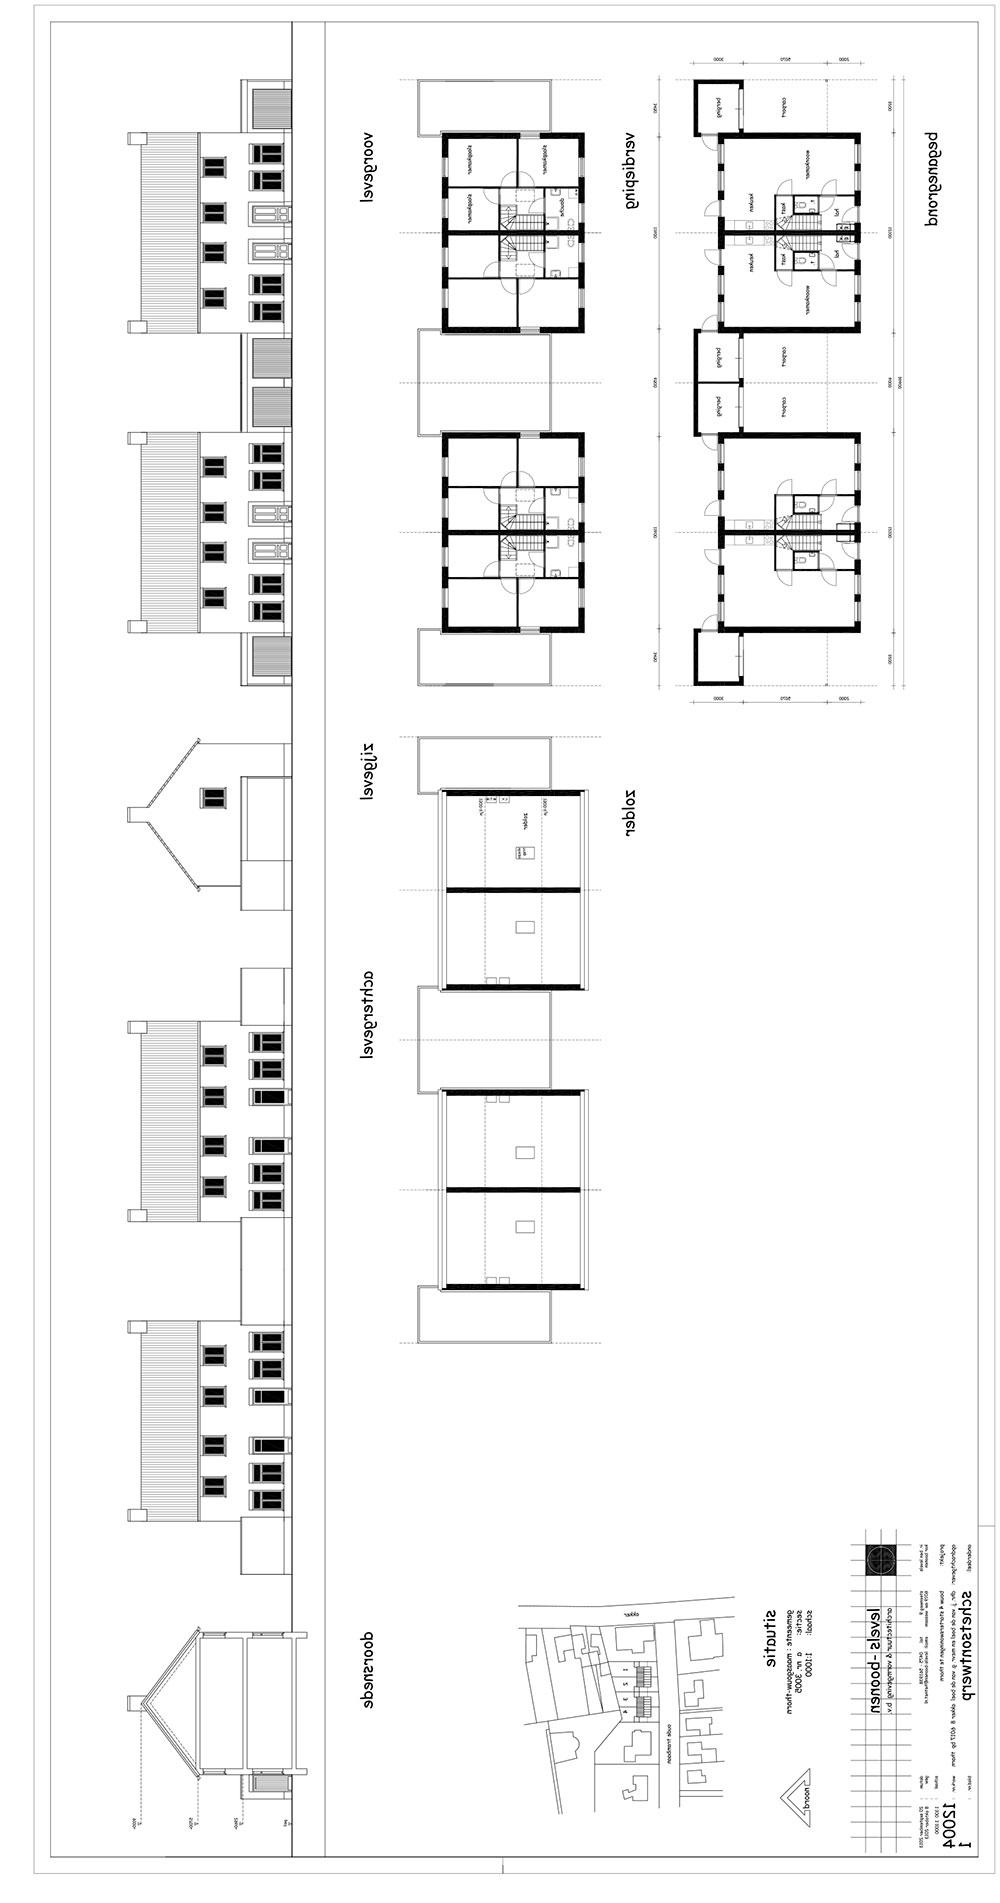 calculatie_starterswoningen